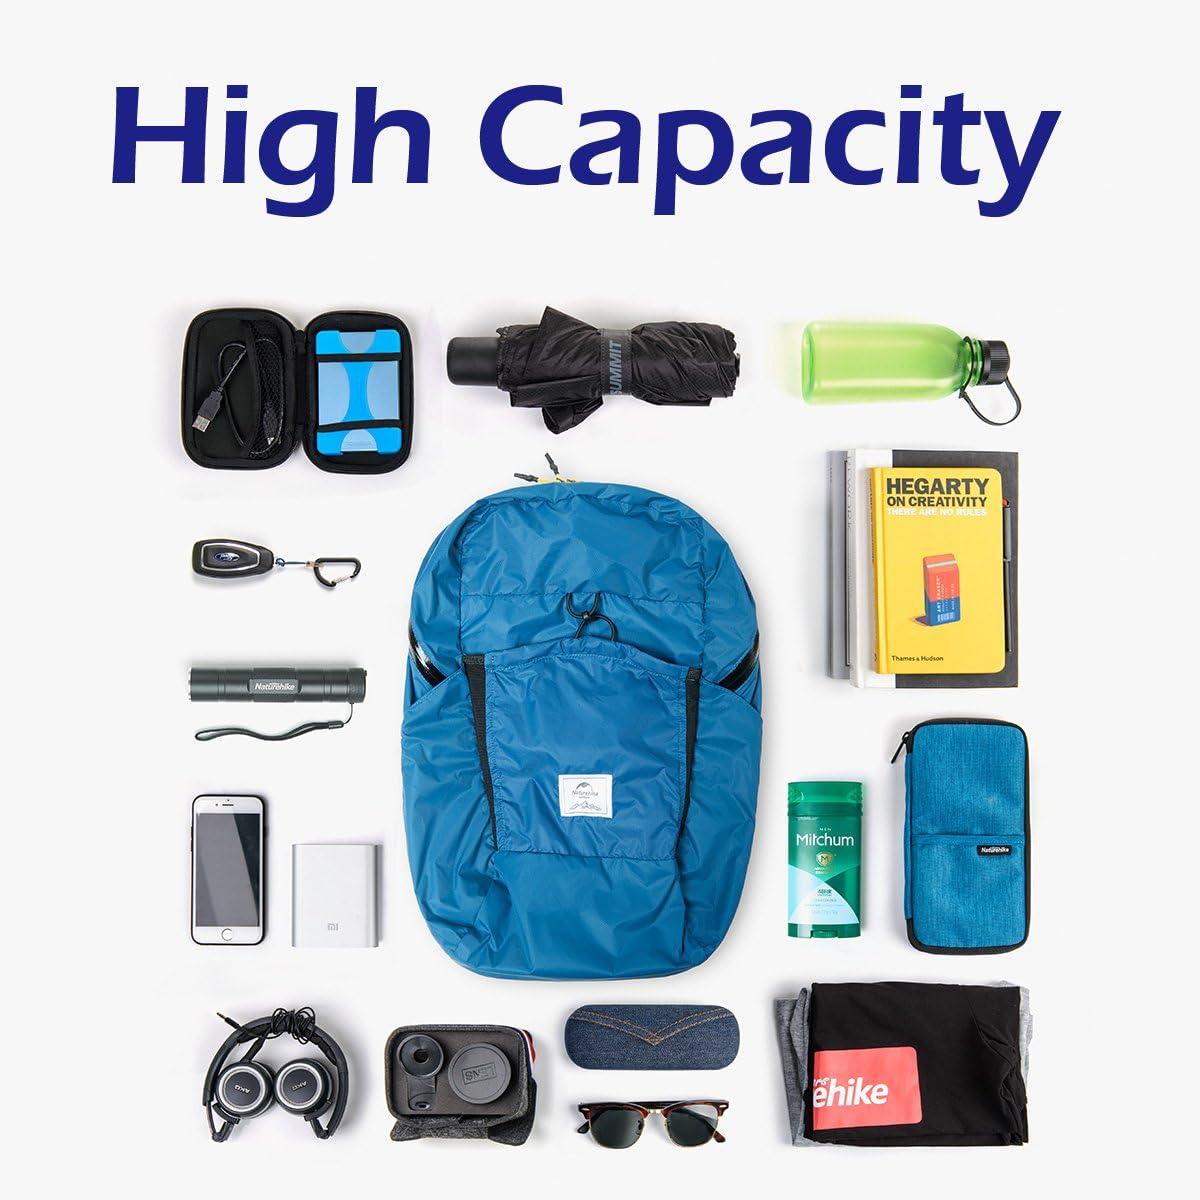 TRIWONDER Sac /à Dos de Randonn/ée 18//22 25L Sac Sport Sac /à Dos Pliable Sac de Voyage Sac de Trekking L/éger Imperm/éable pour Homme Femme Camping